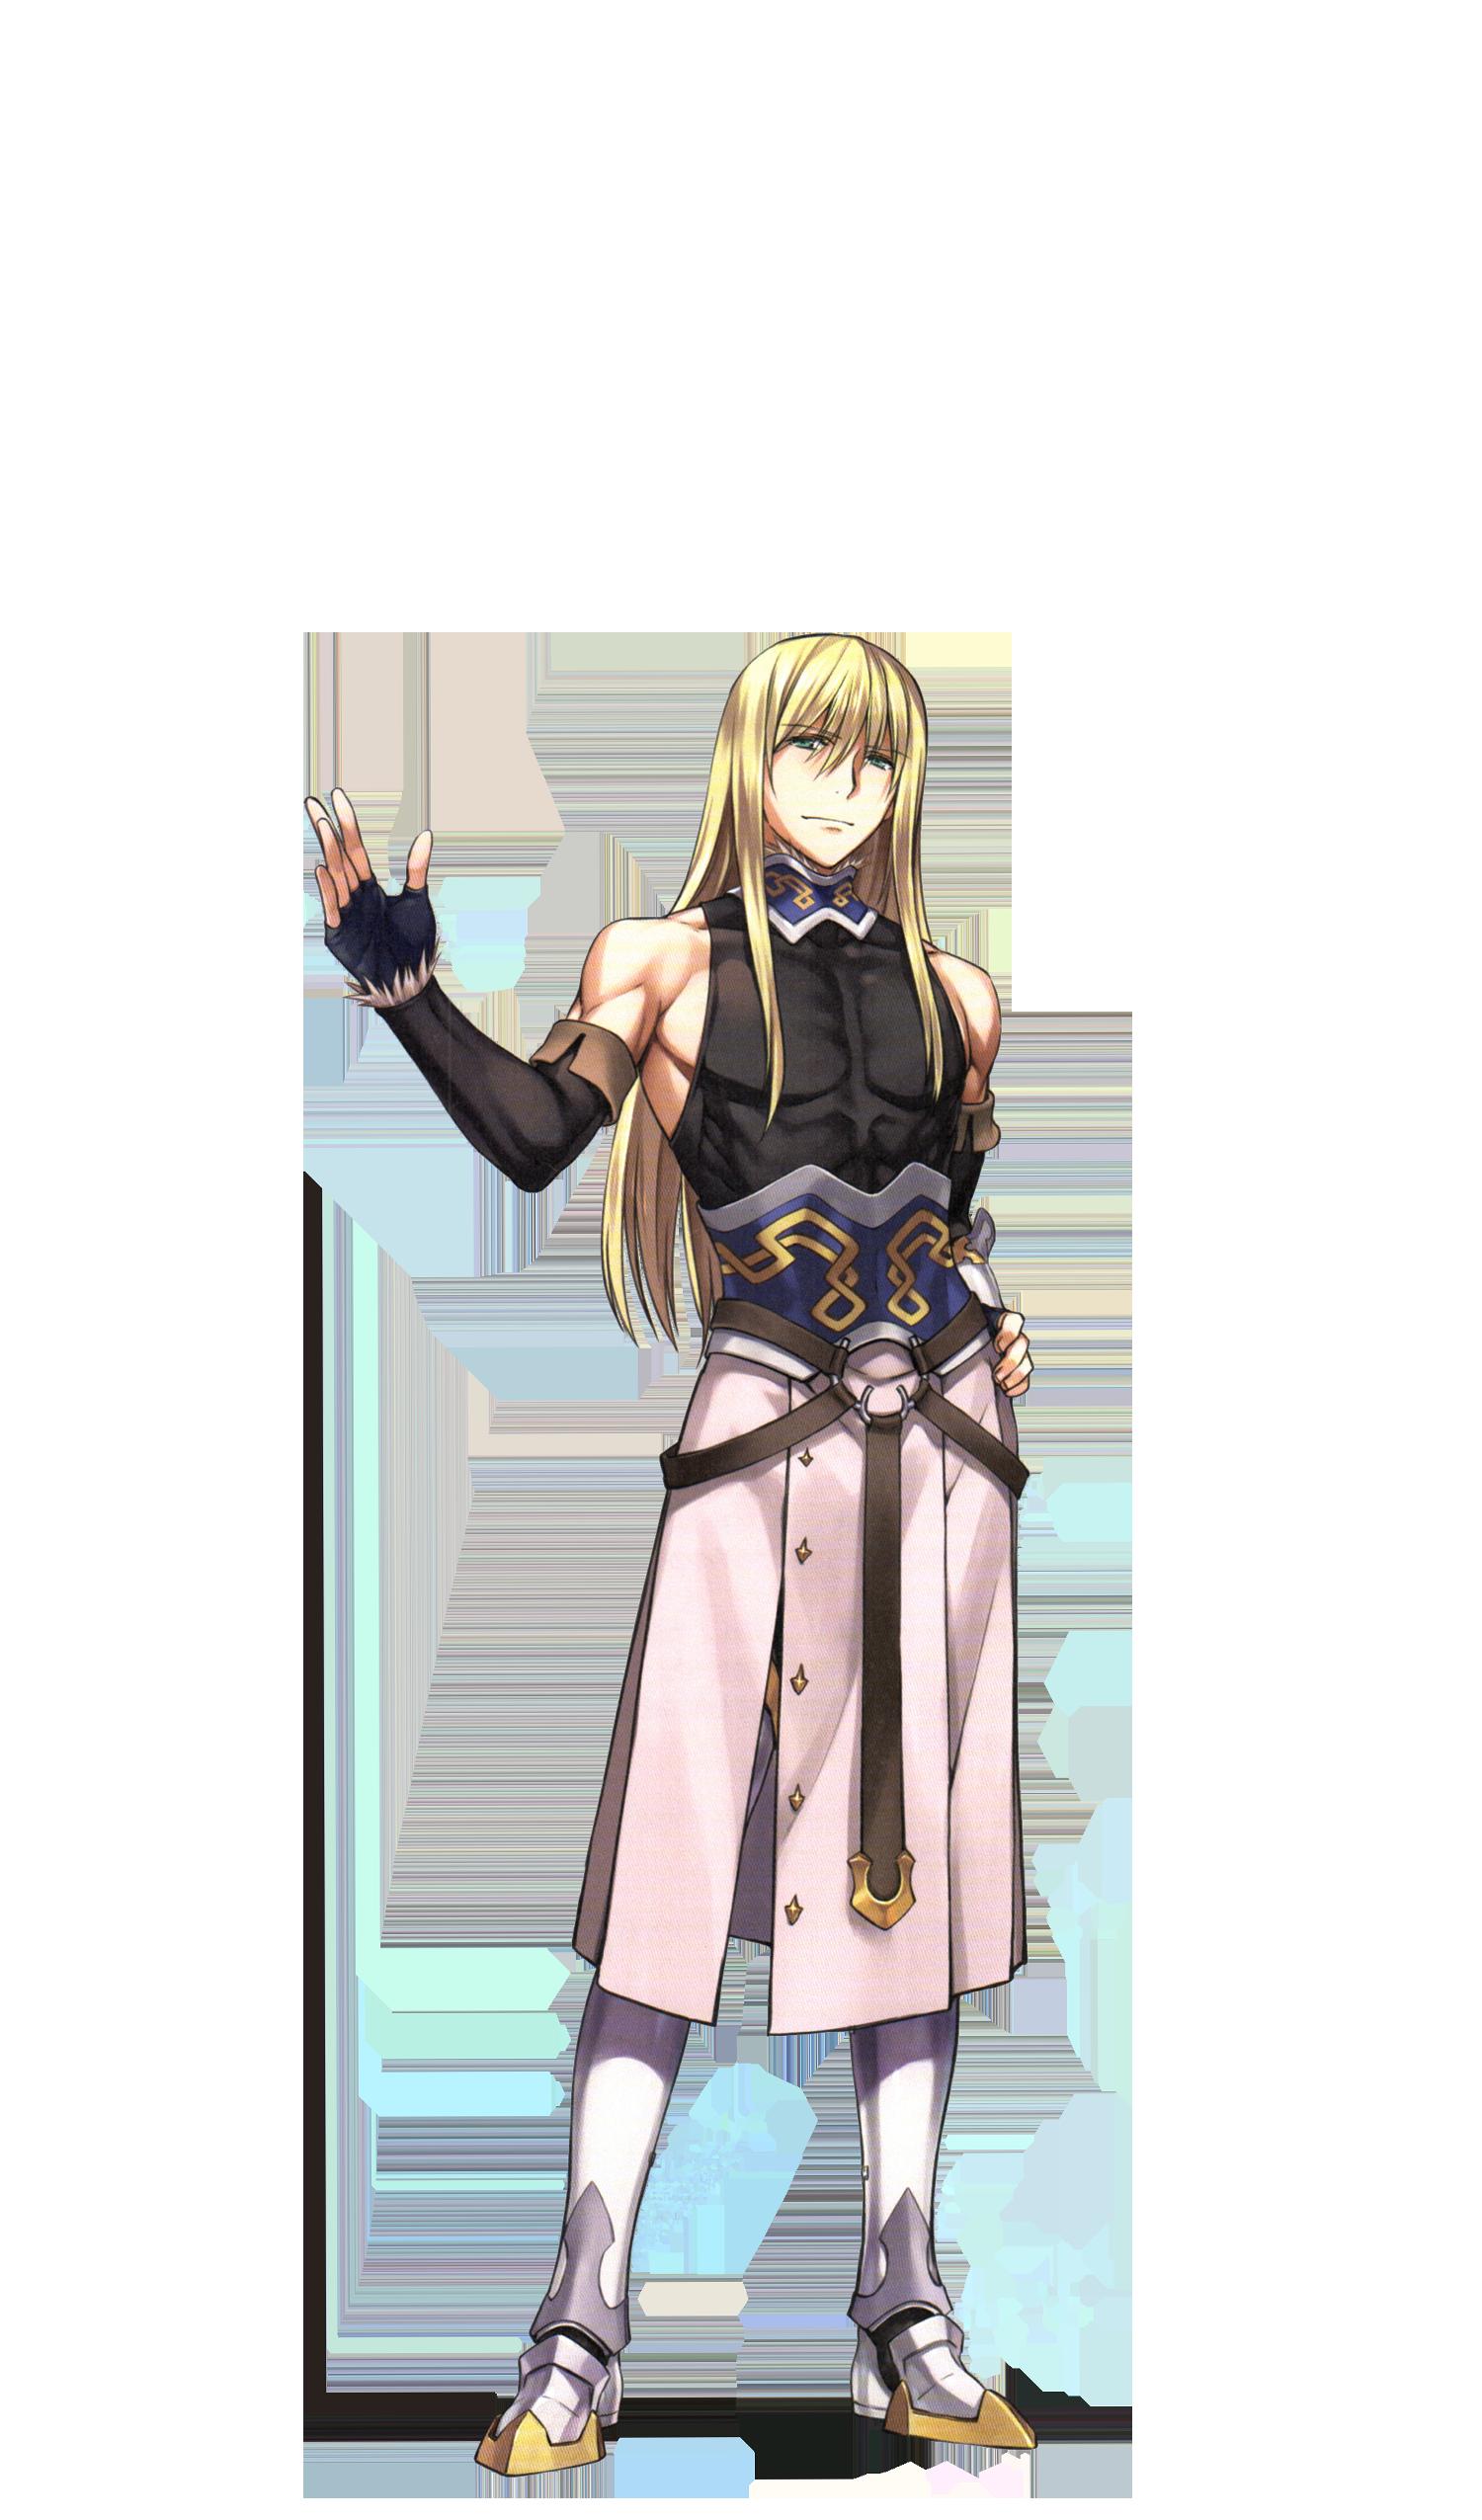 Lancer (Fate/Grand Order - Fionn)